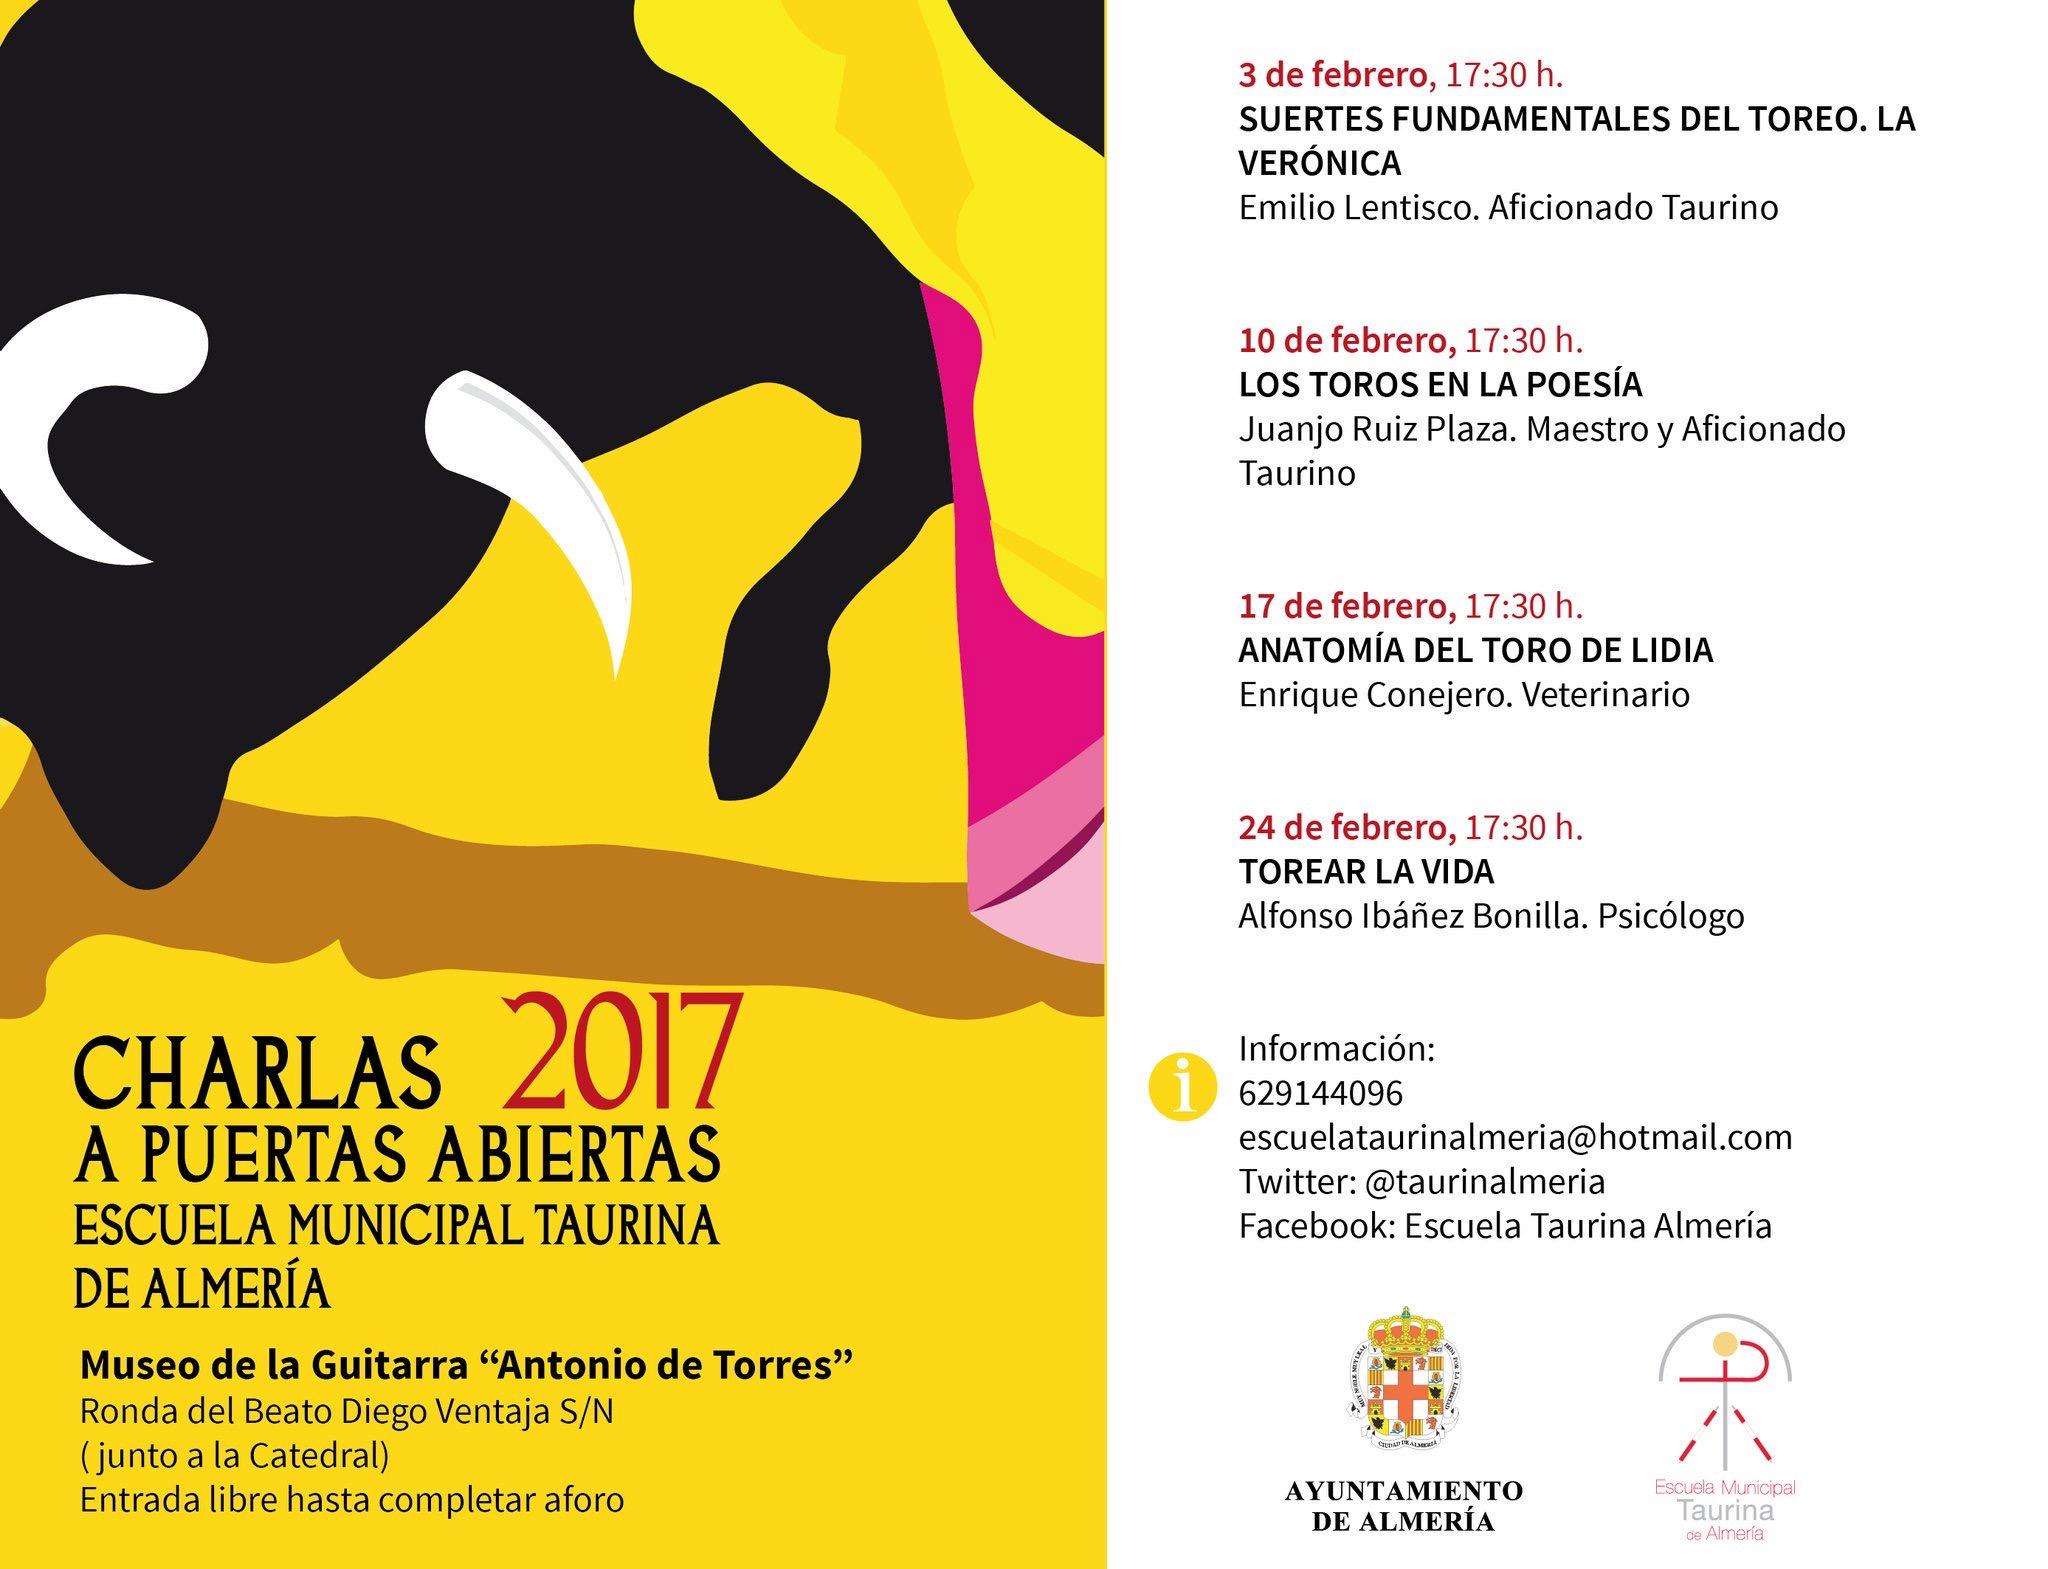 Escuela Taurina de Almería - Charlas Puertas Abiertas 2017